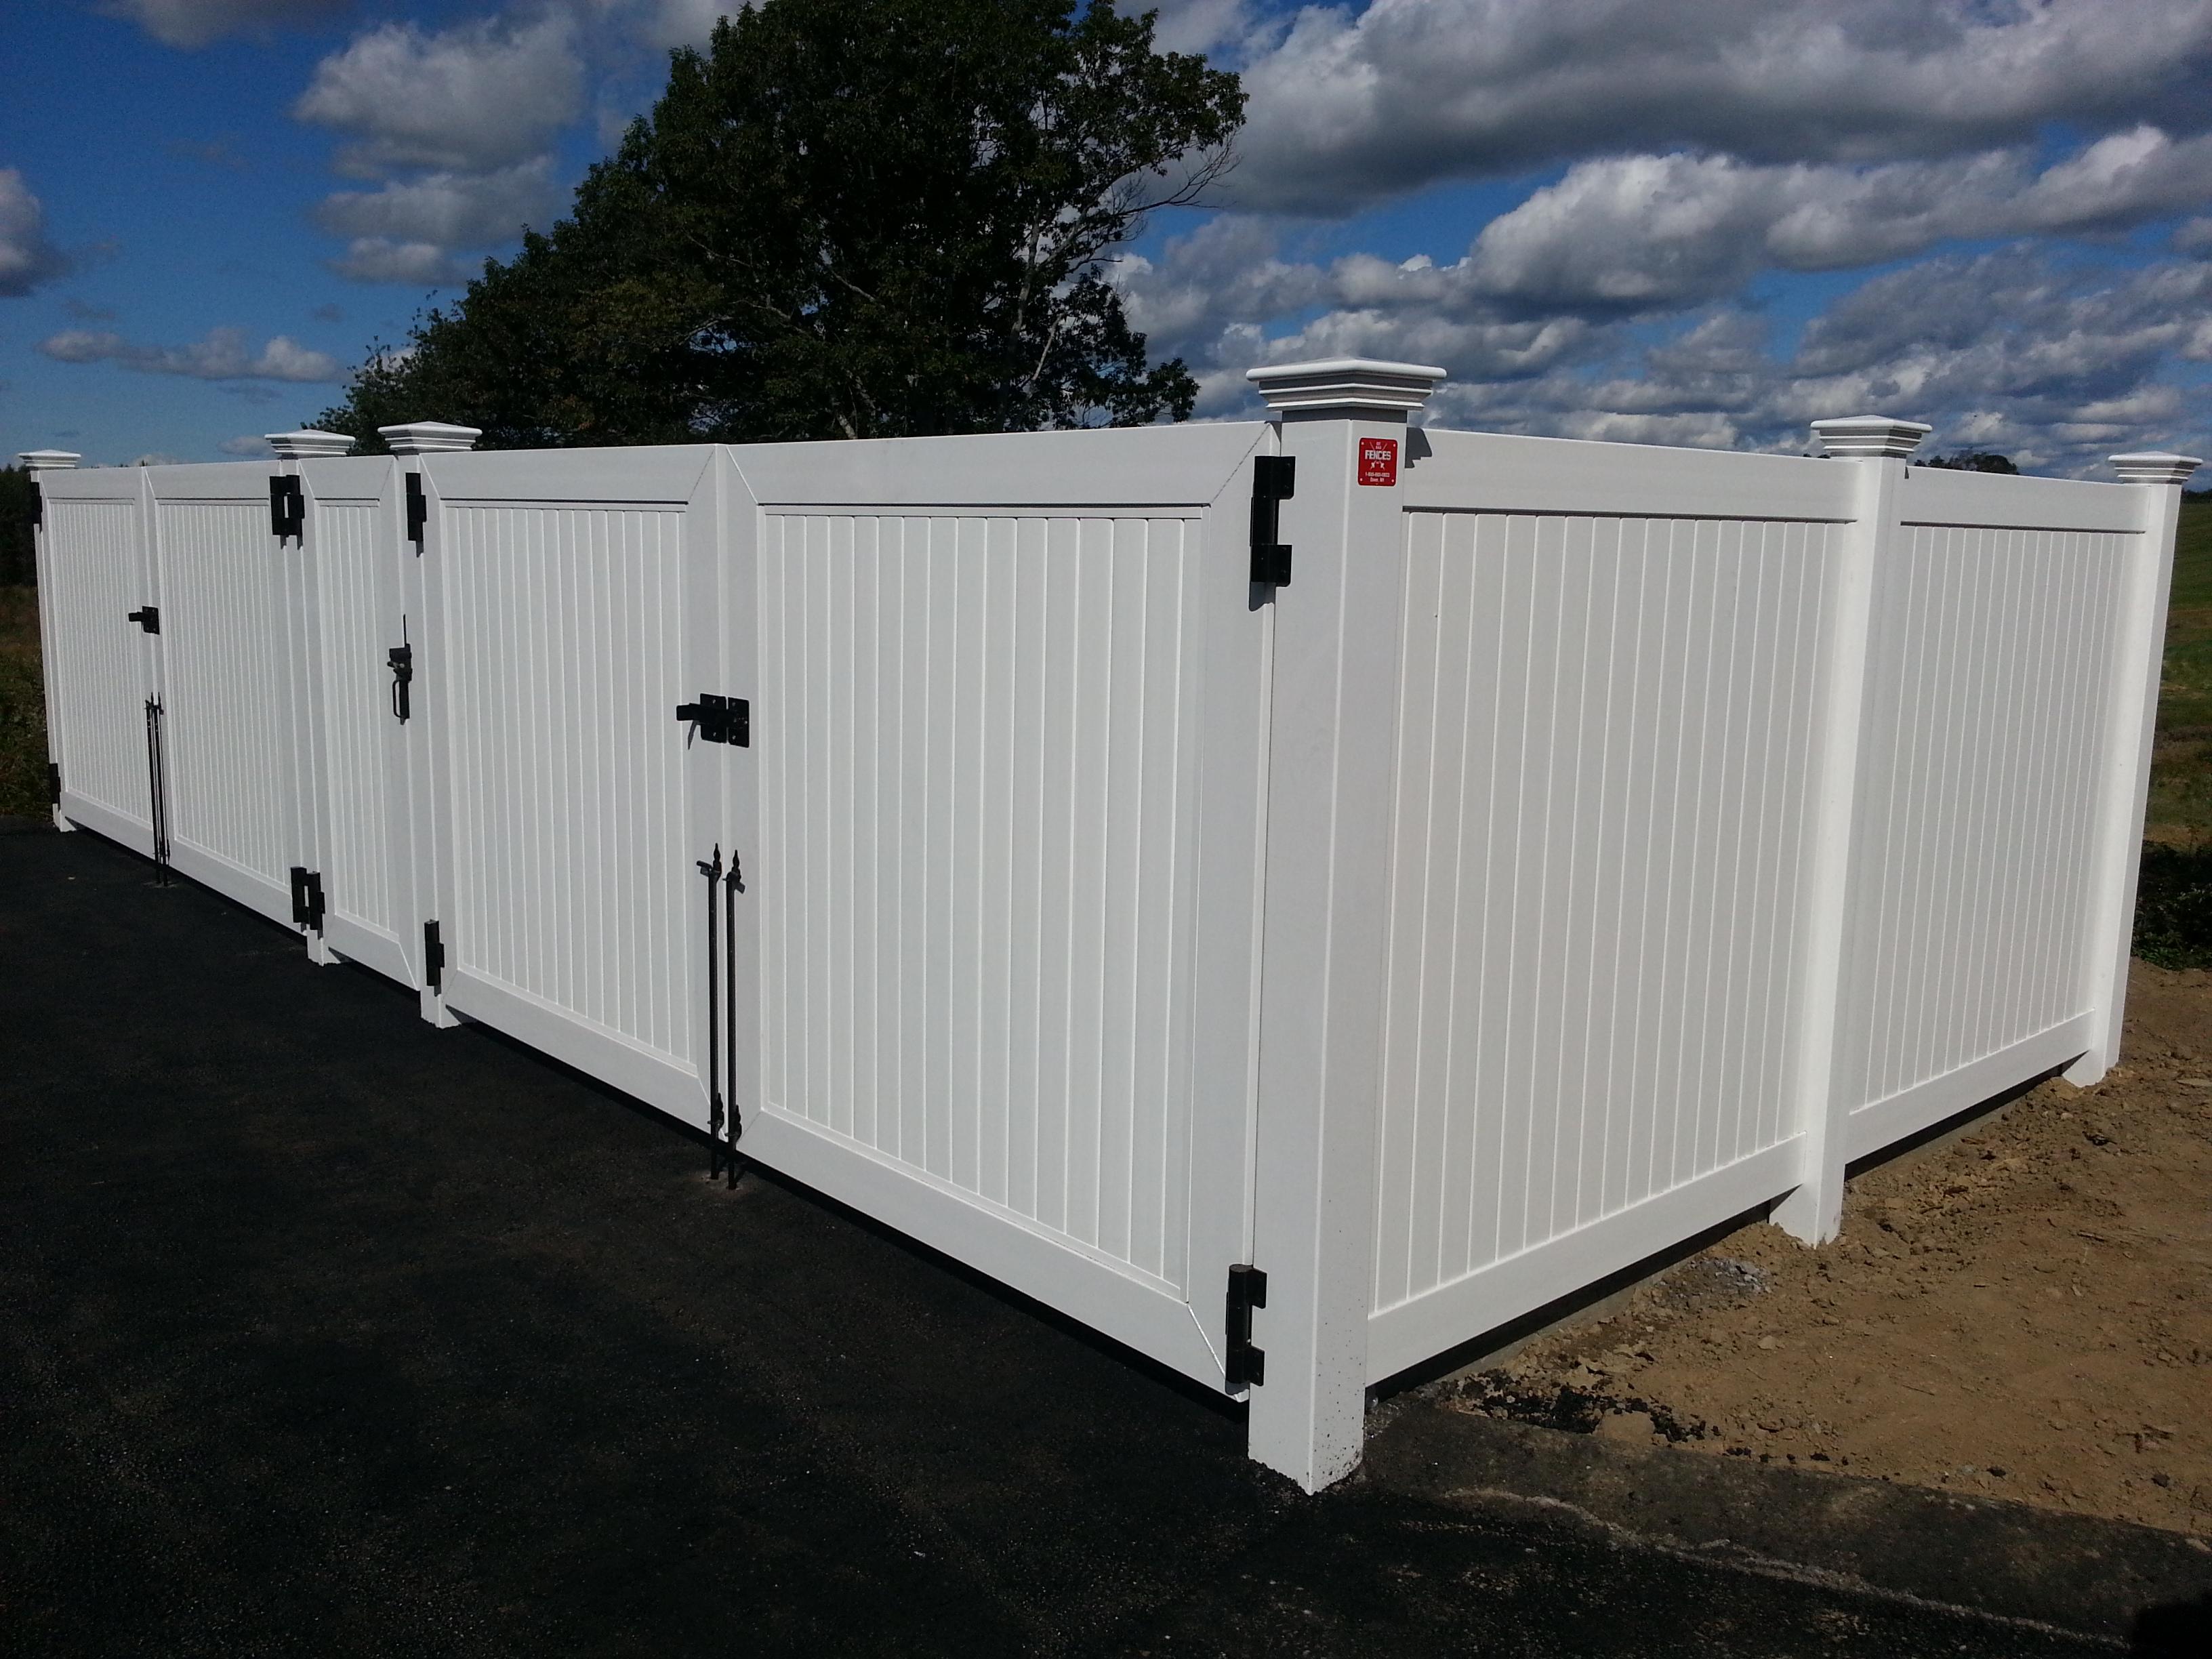 Superior Dumpster Gate Enclosure